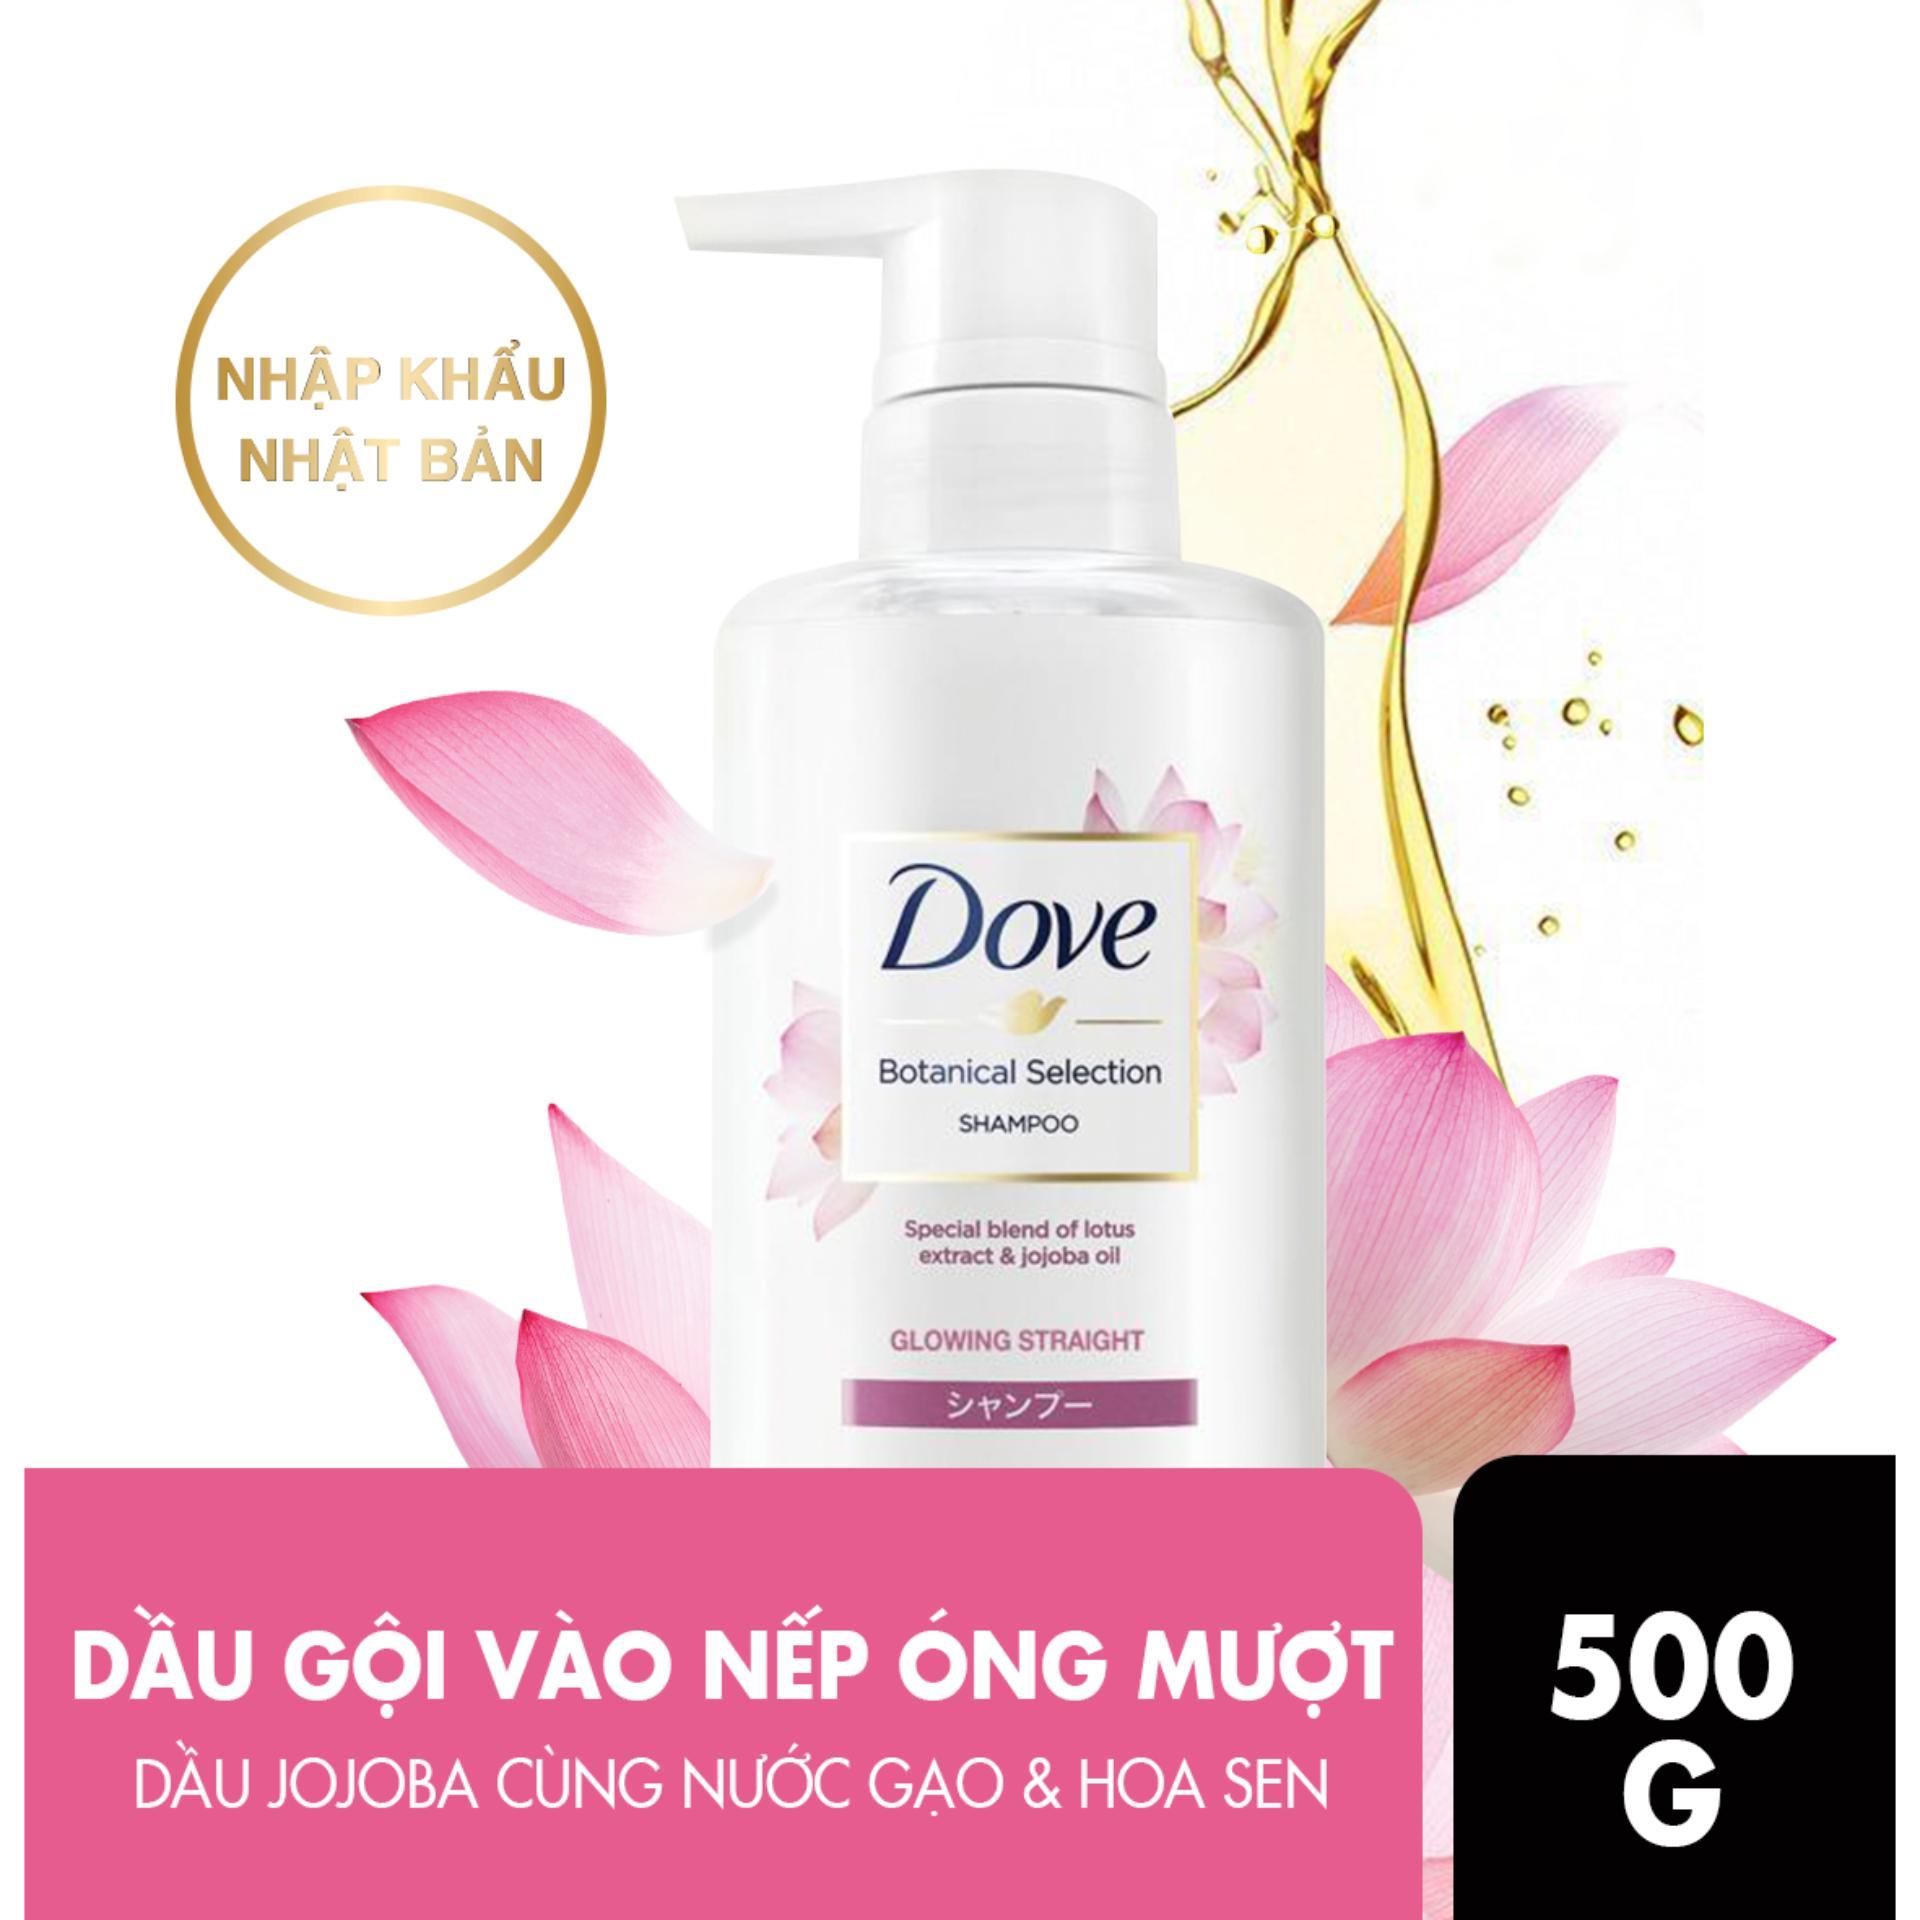 Dầu gội Dove giúp tóc bóng mượt hoa sen & dầu Jojoba Botanical Selection 500g